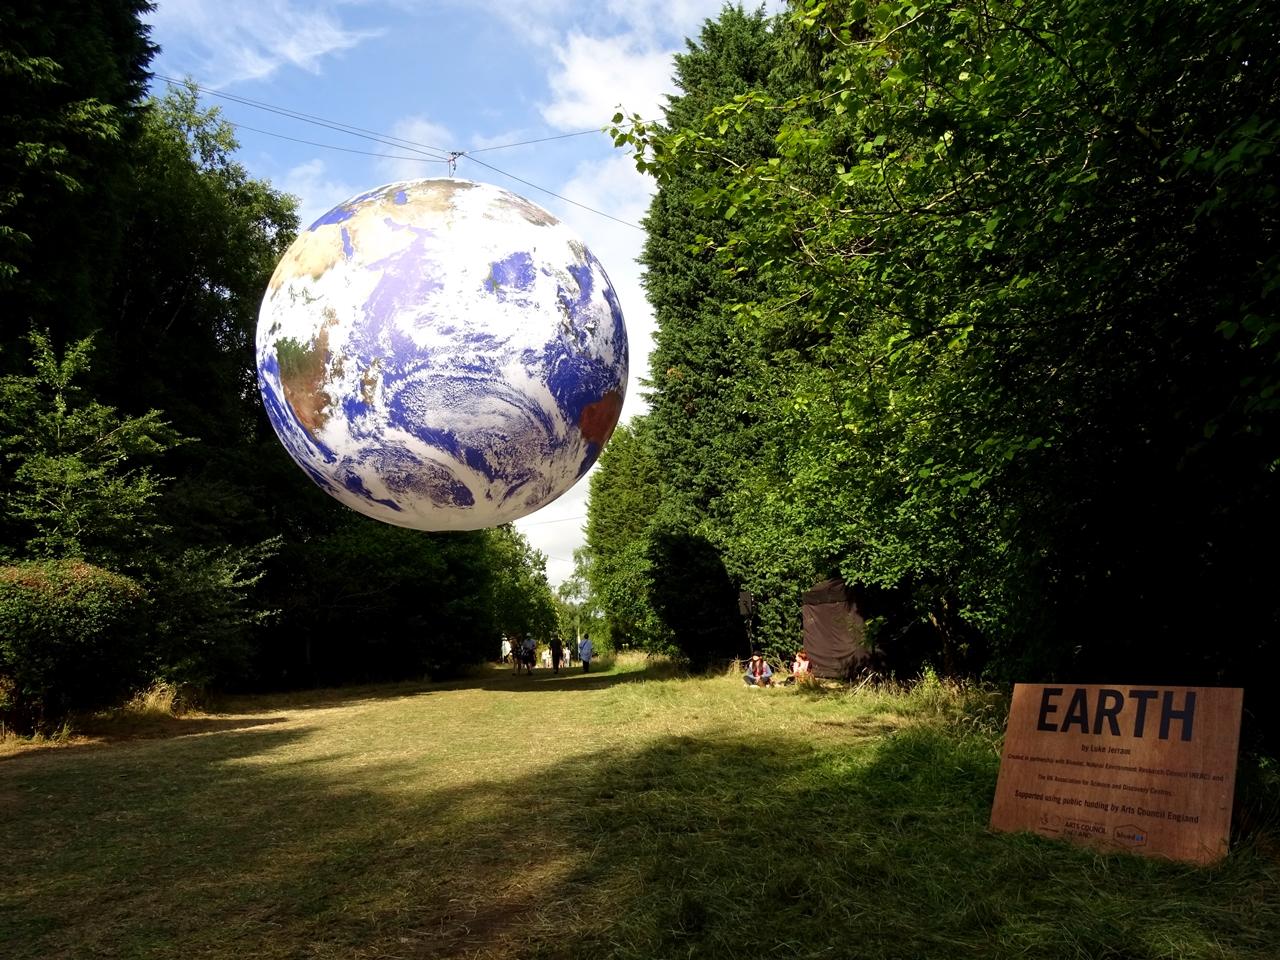 earth art installation